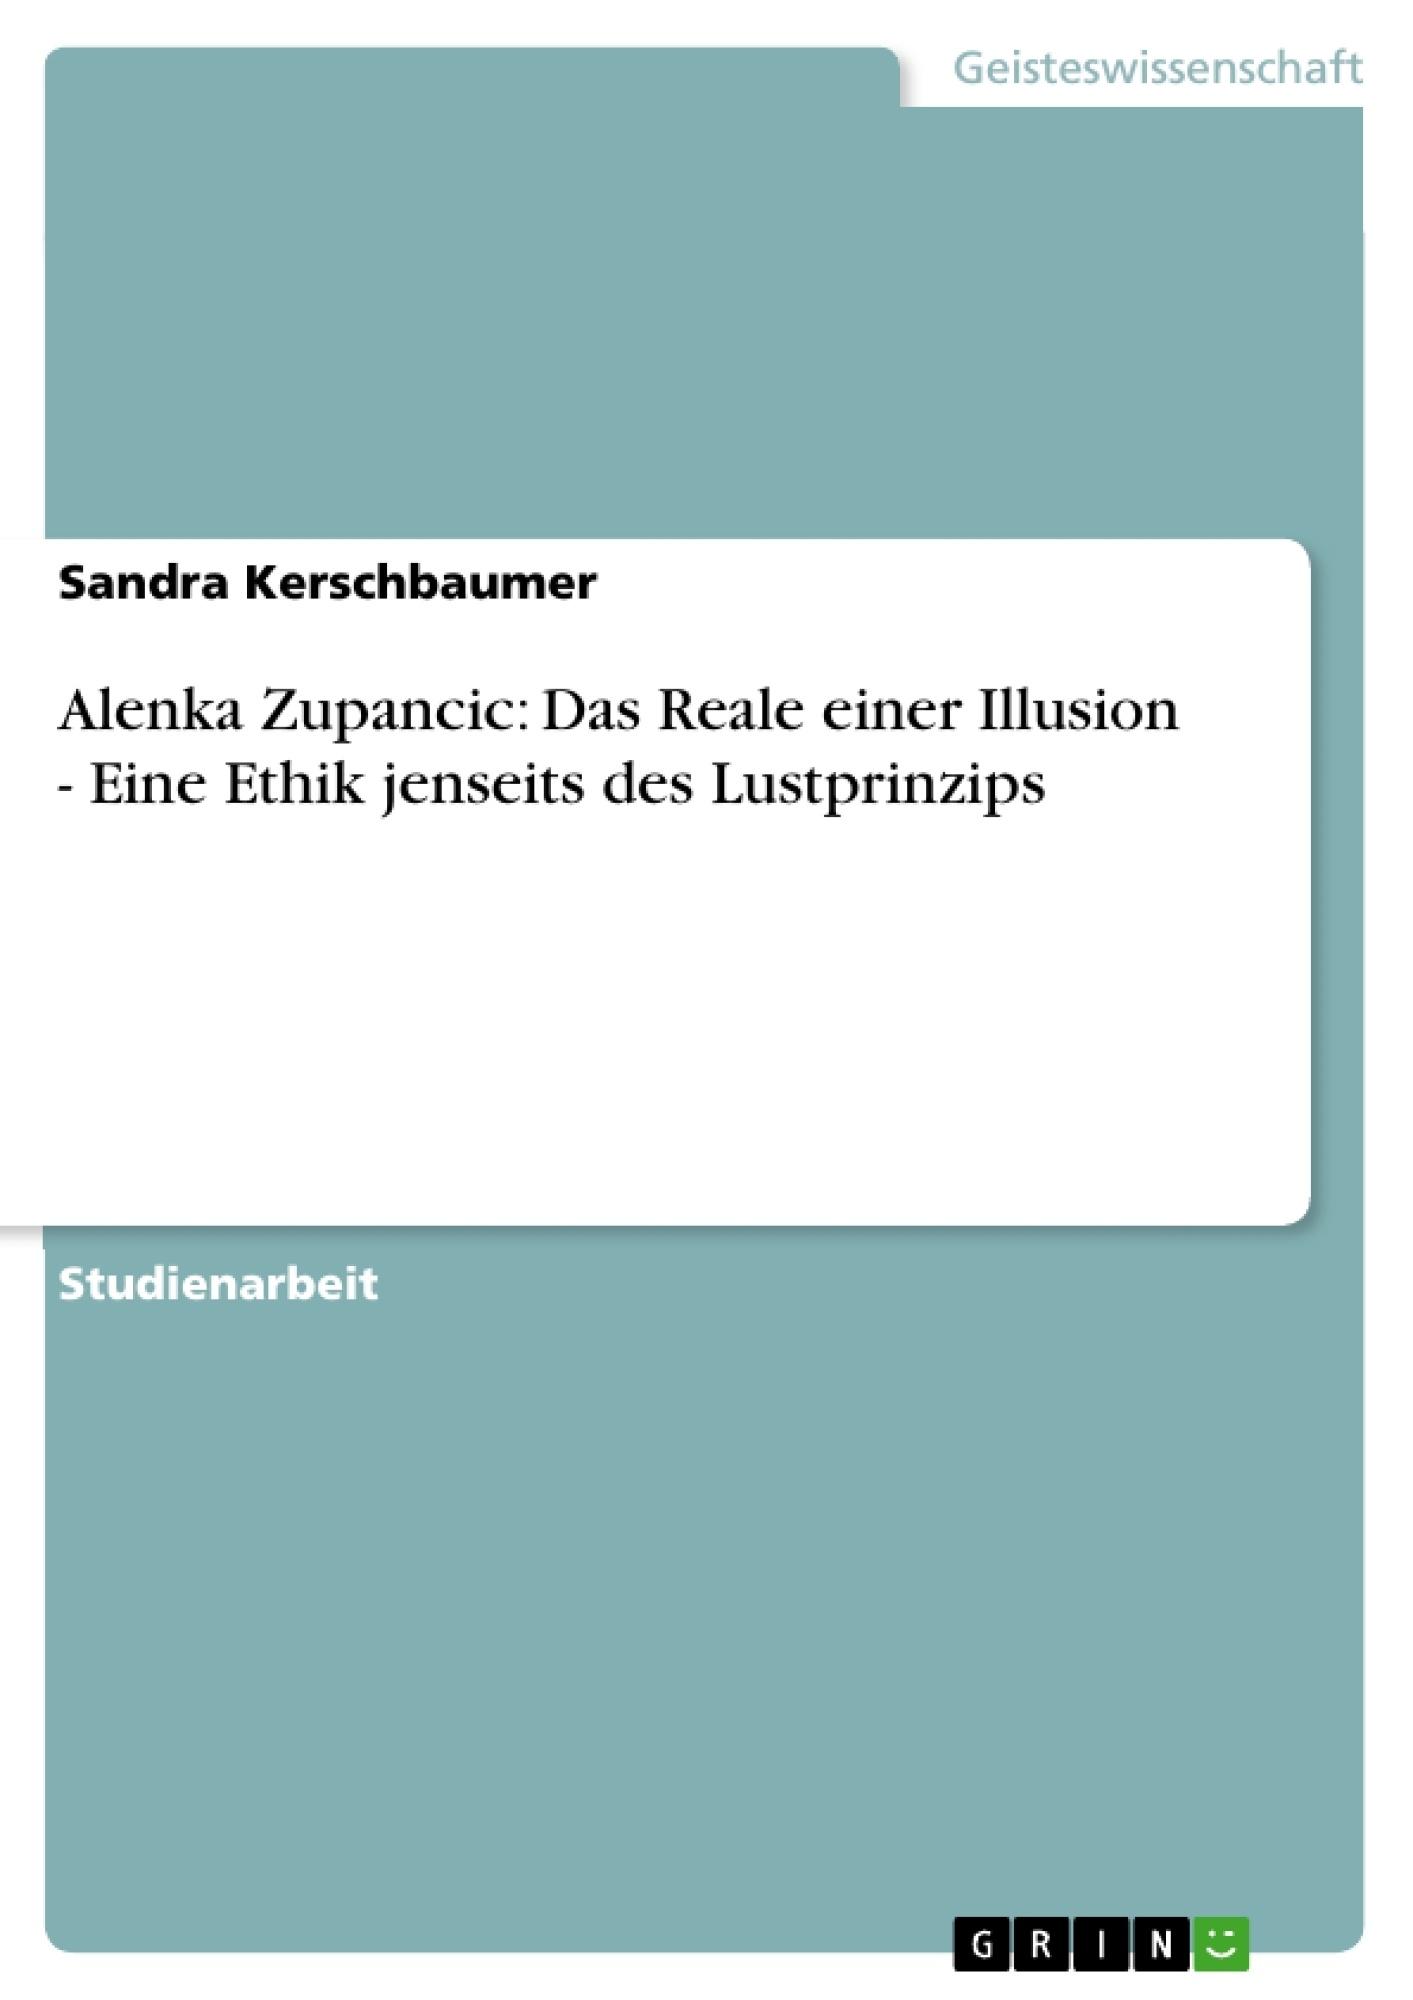 Titel: Alenka Zupancic: Das Reale einer Illusion - Eine Ethik jenseits des Lustprinzips